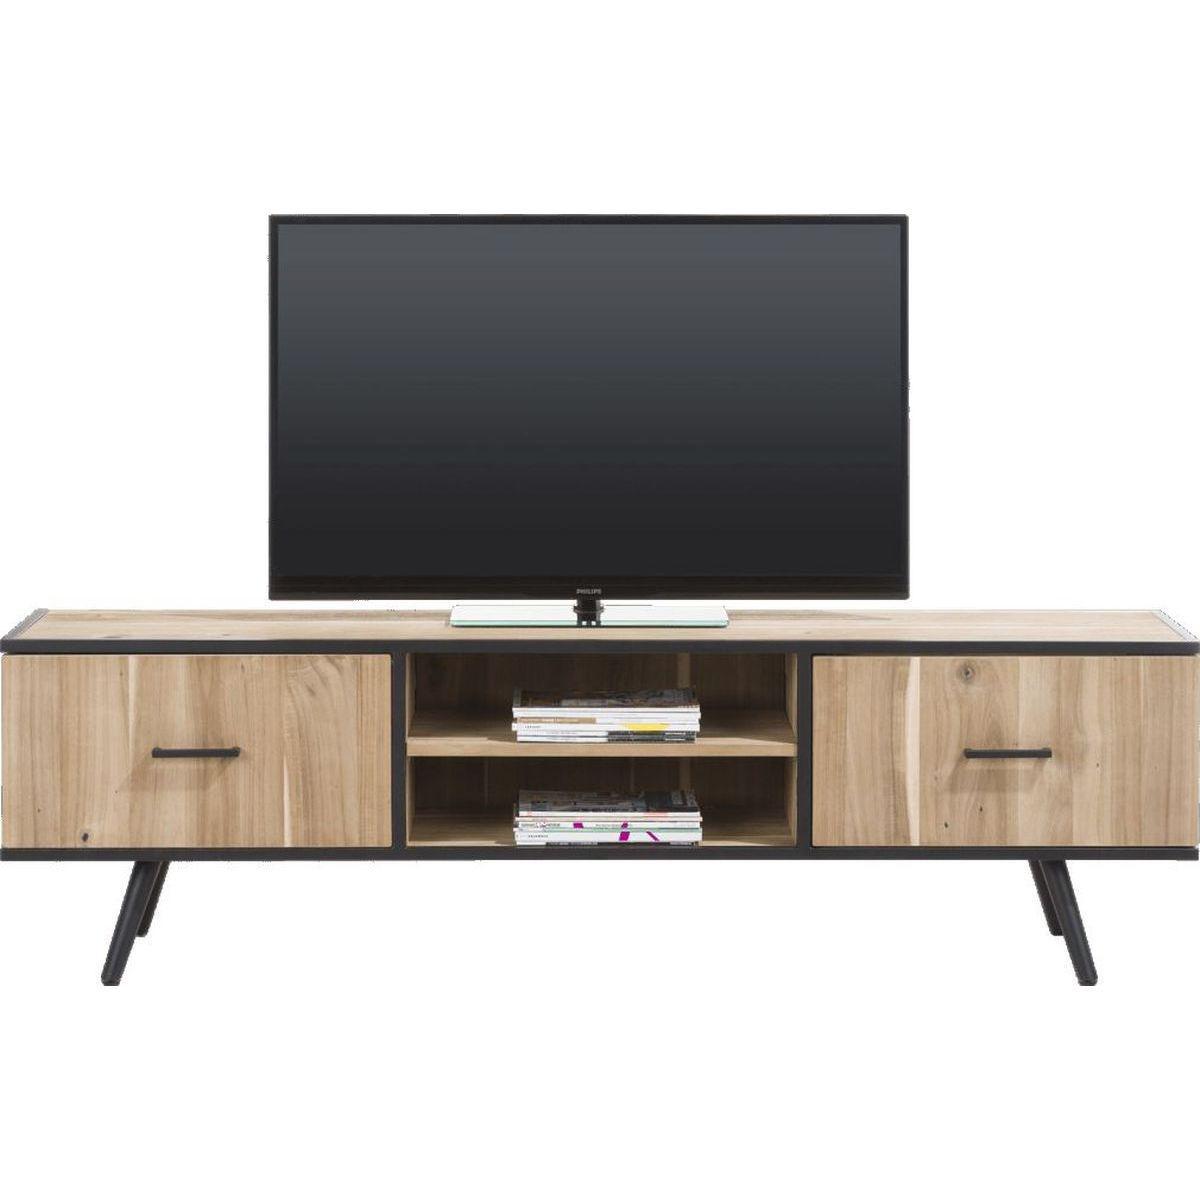 Meuble TV KINNA Xooon 190cm